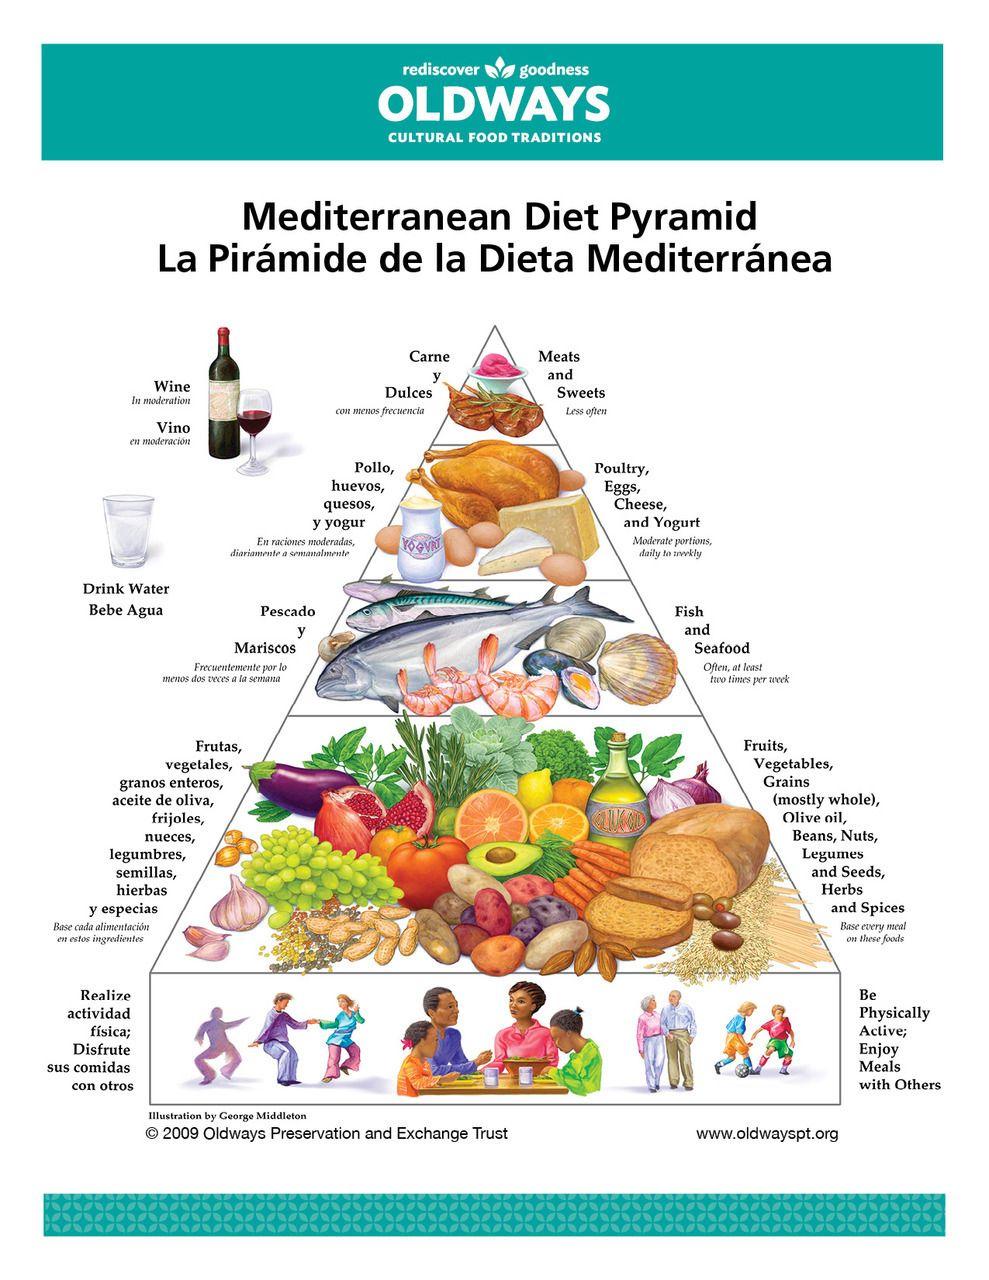 Wöchentliche gesunde mediterrane Ernährung